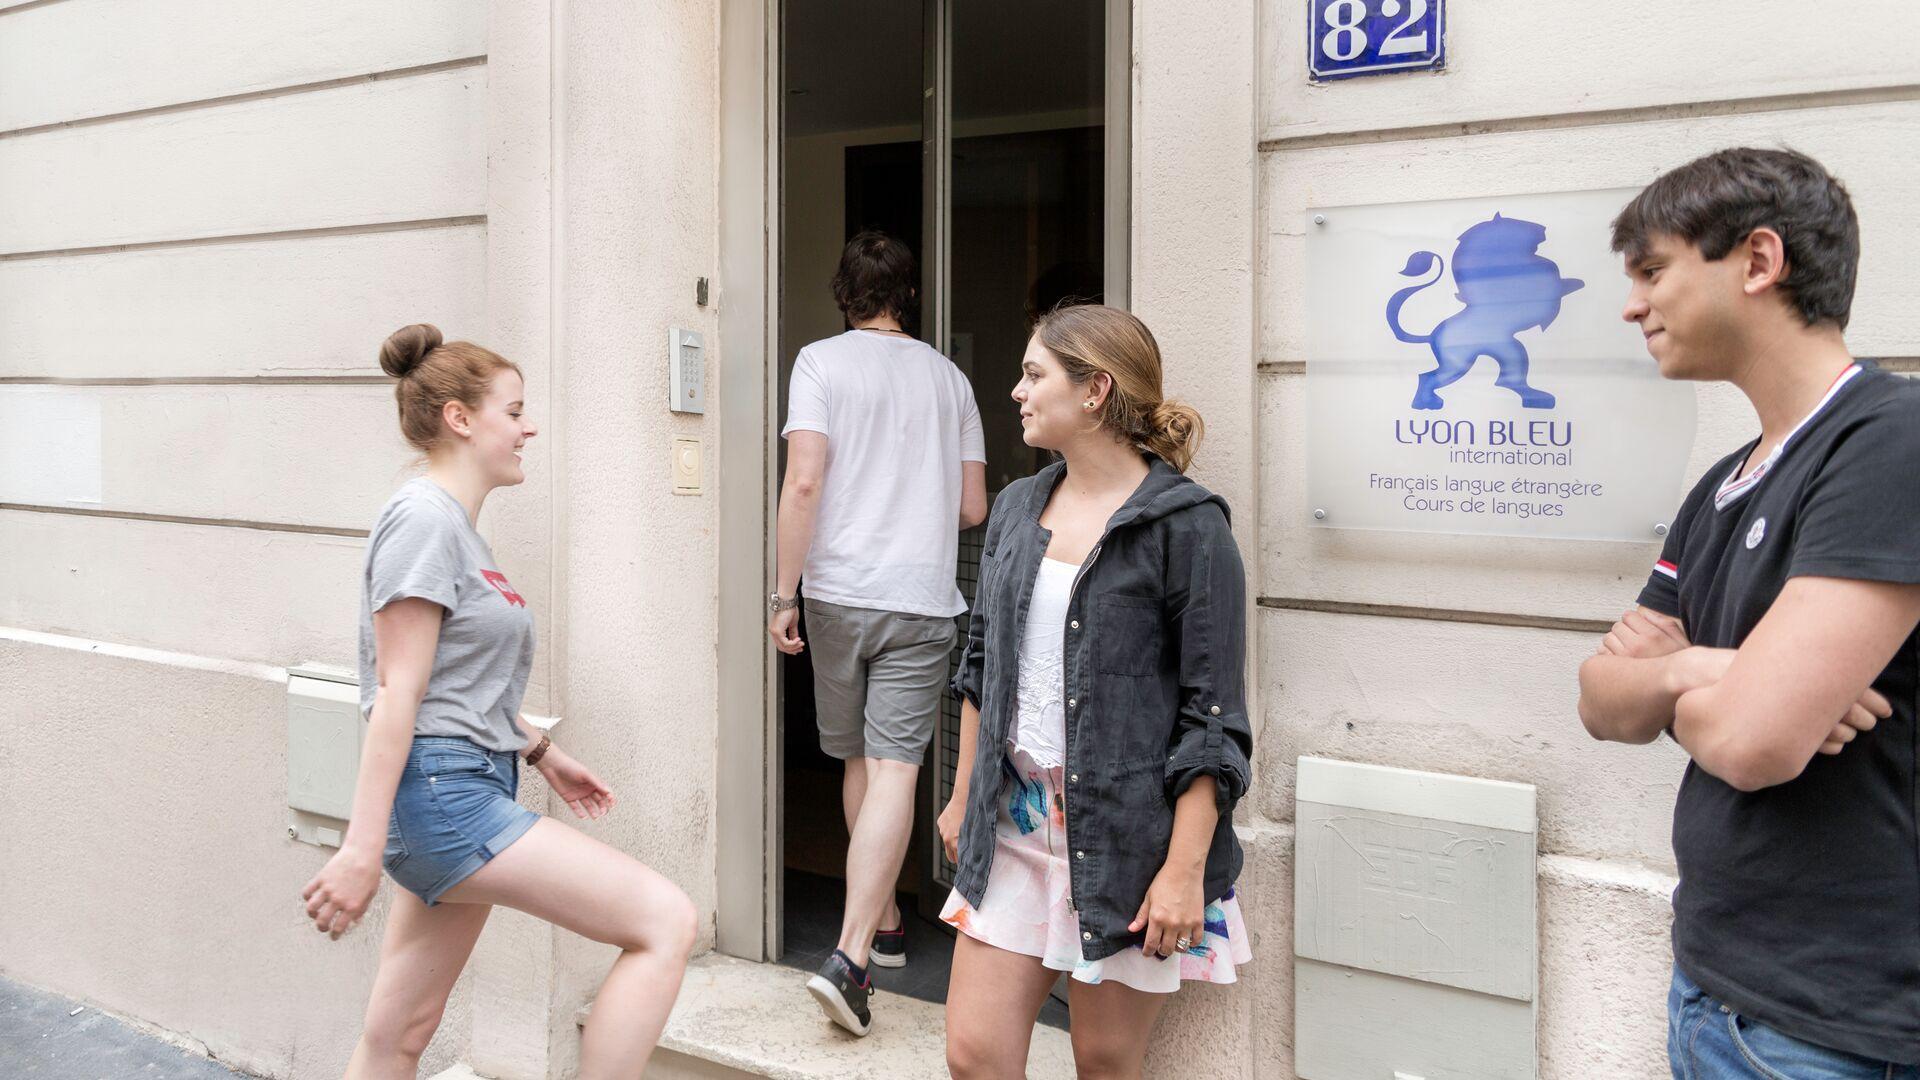 Sprachaufenthalt Sprachreise Französisch Frankreich in Lyon Lyon Bleu